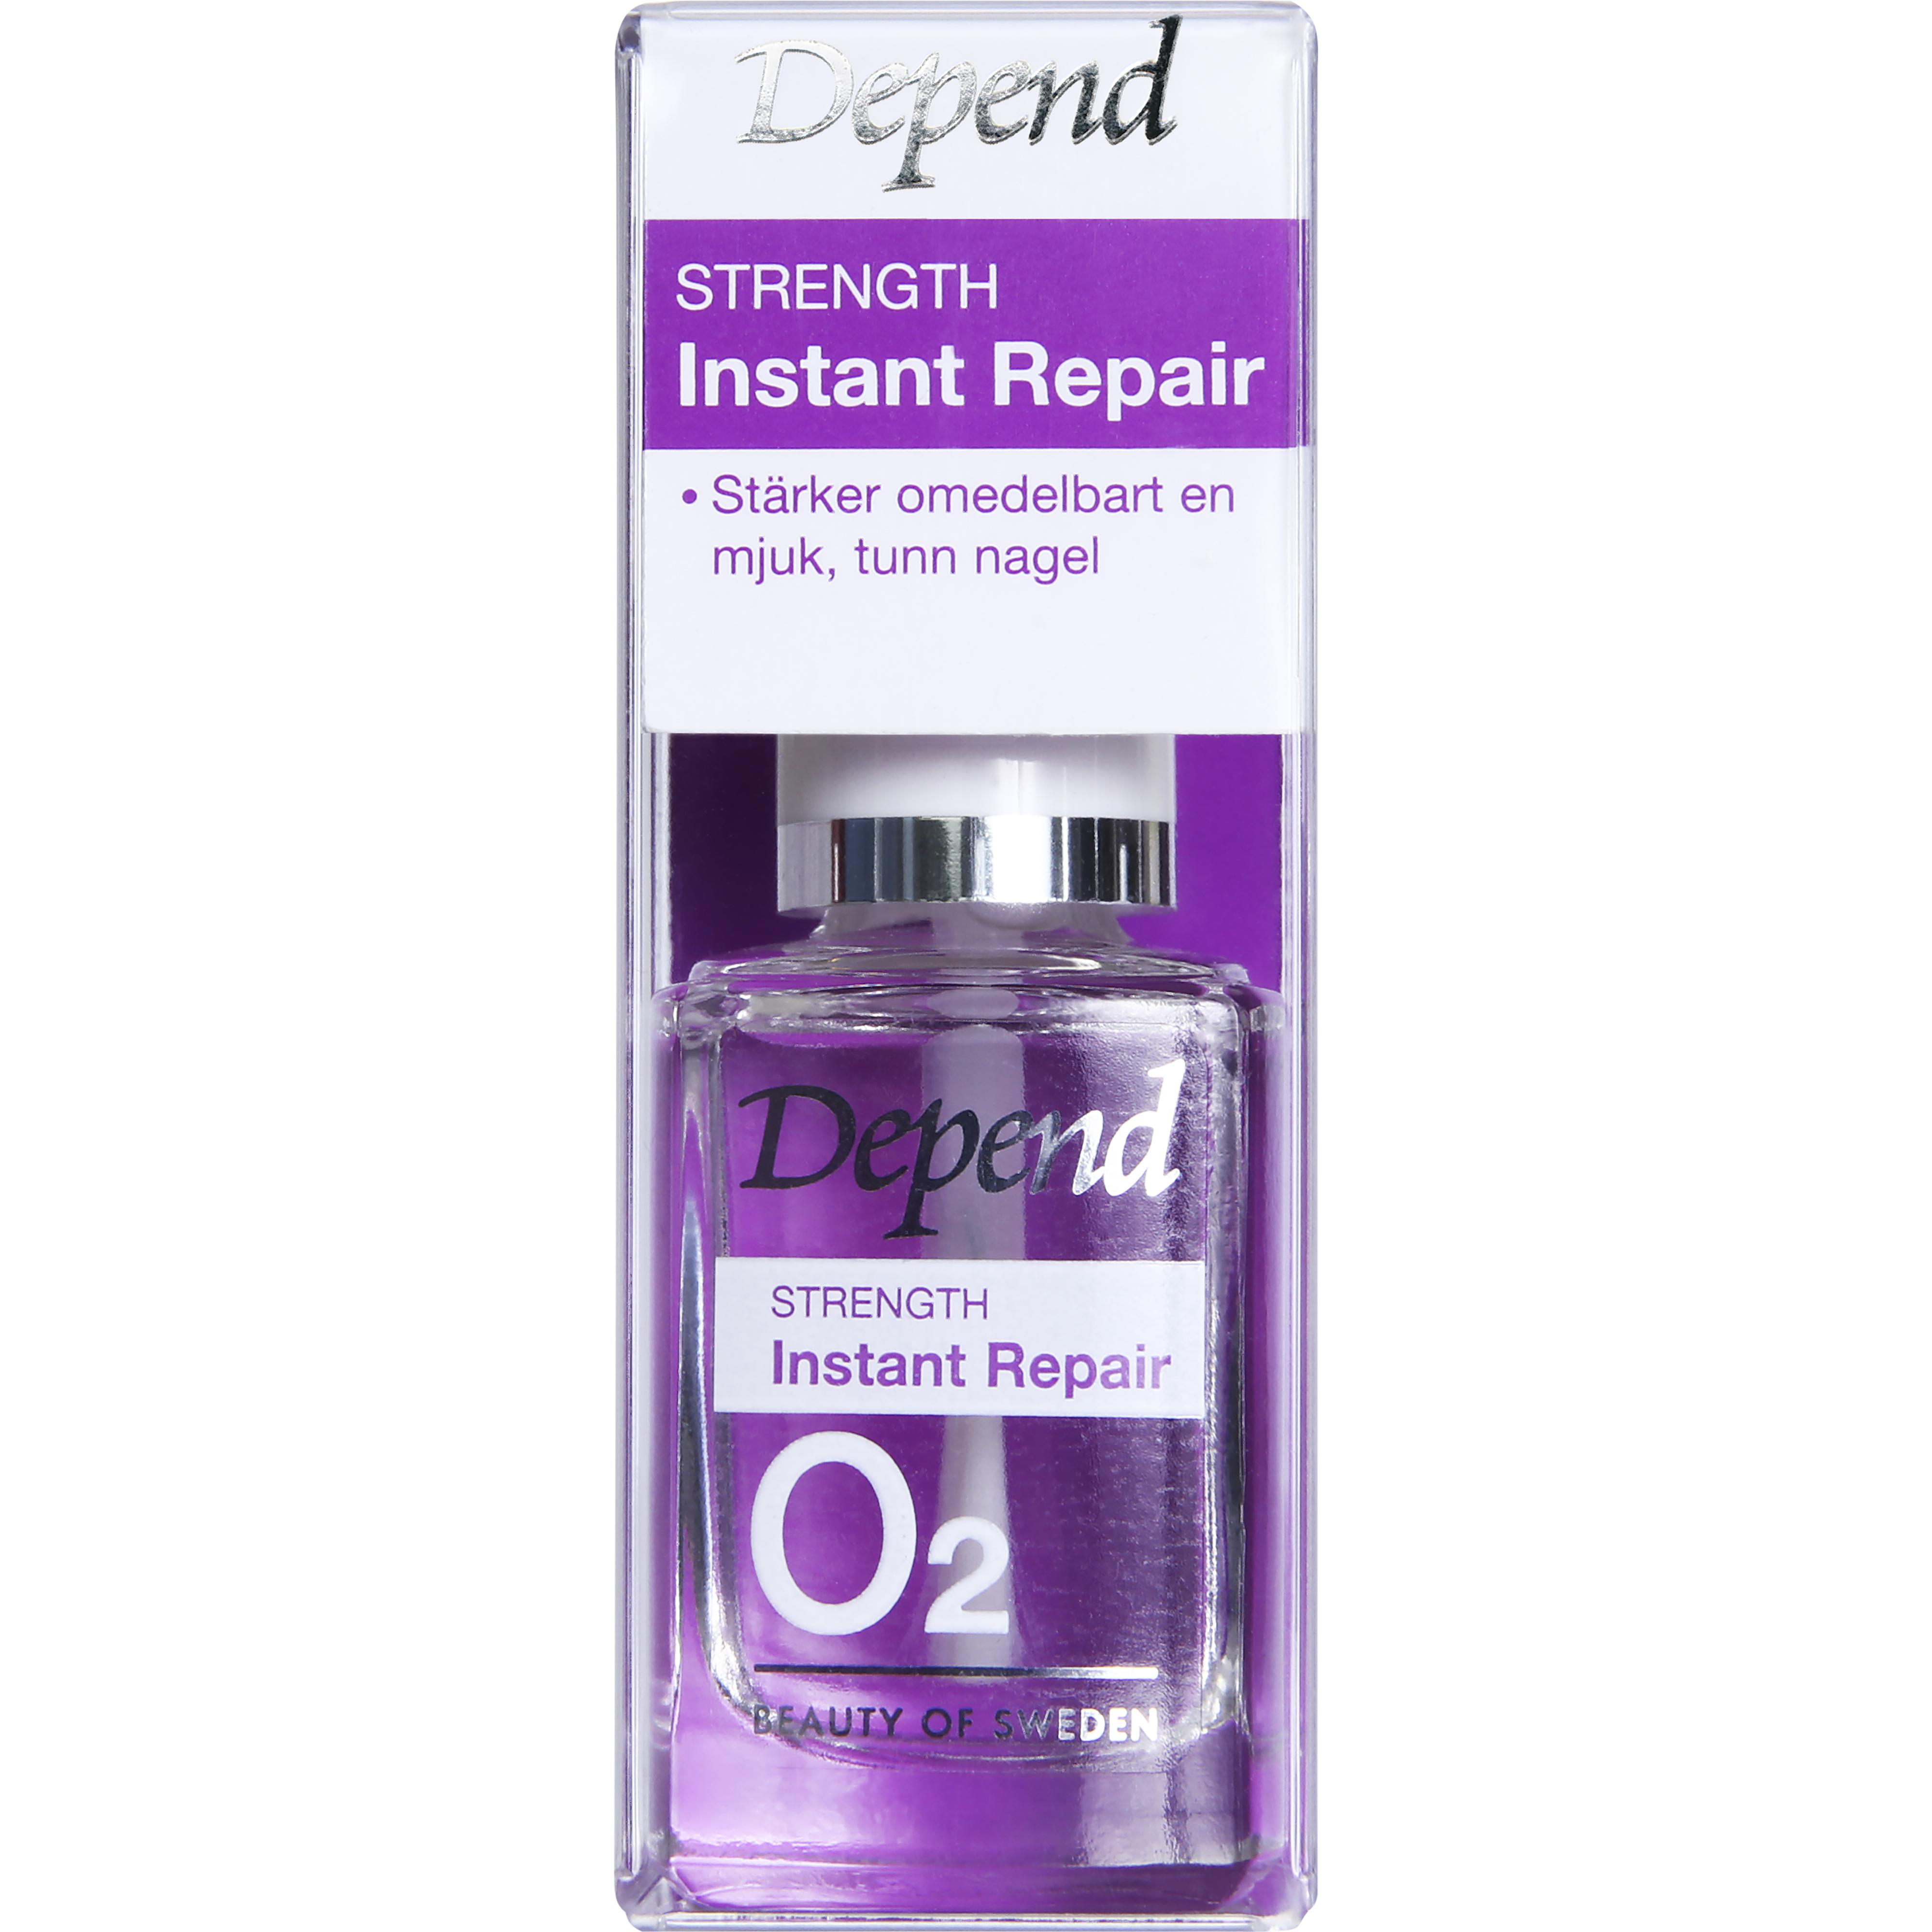 Strength Instant Repair